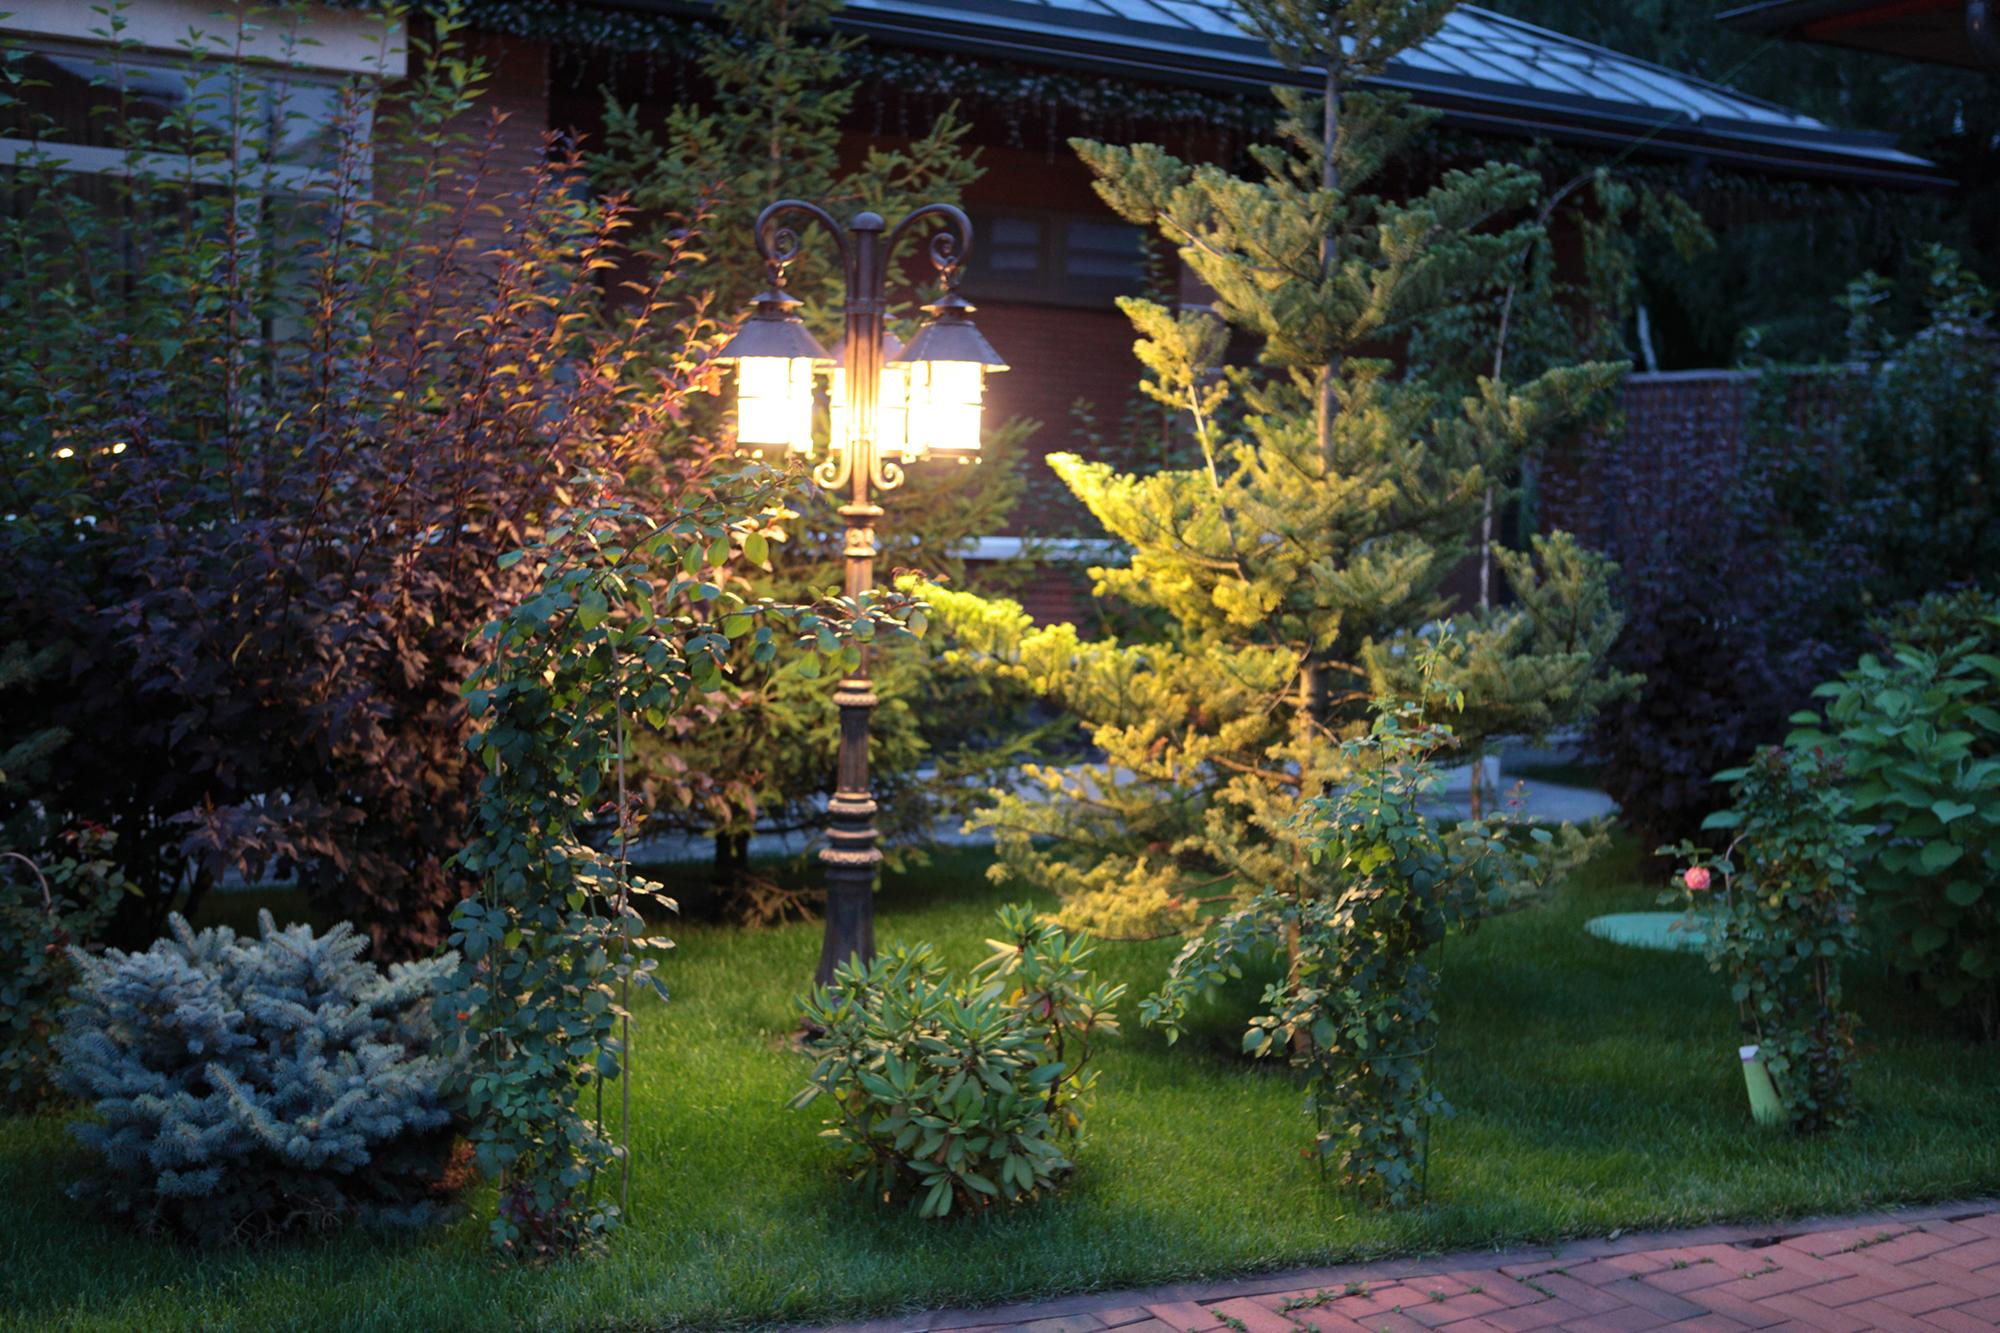 Фонарь для освещения сада